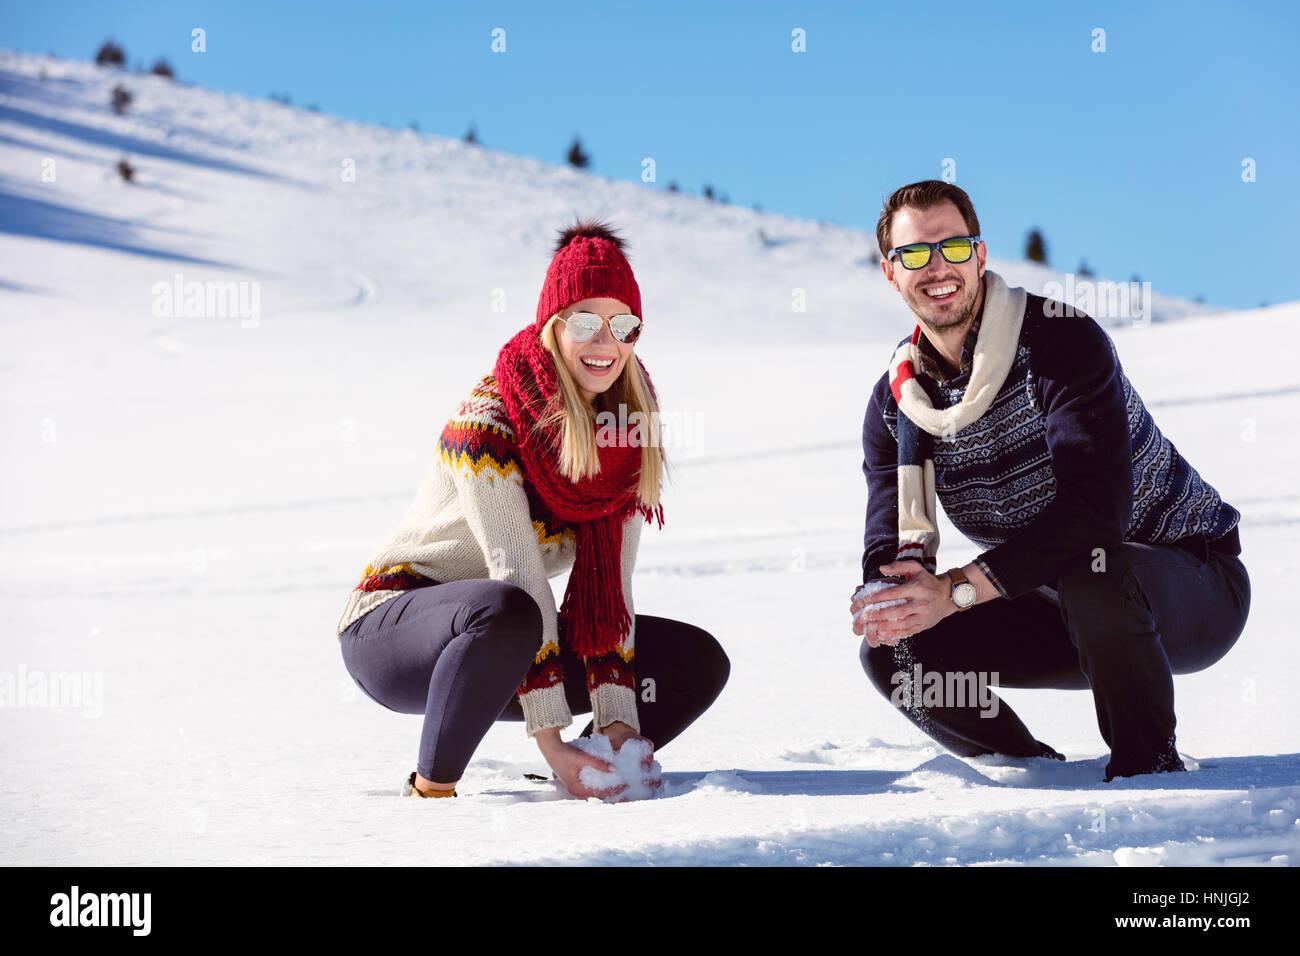 Lotta con le palle di neve. Inverno giovane divertendosi in snow all'esterno. Giovani gioiosi felice multi-razziale Immagini Stock